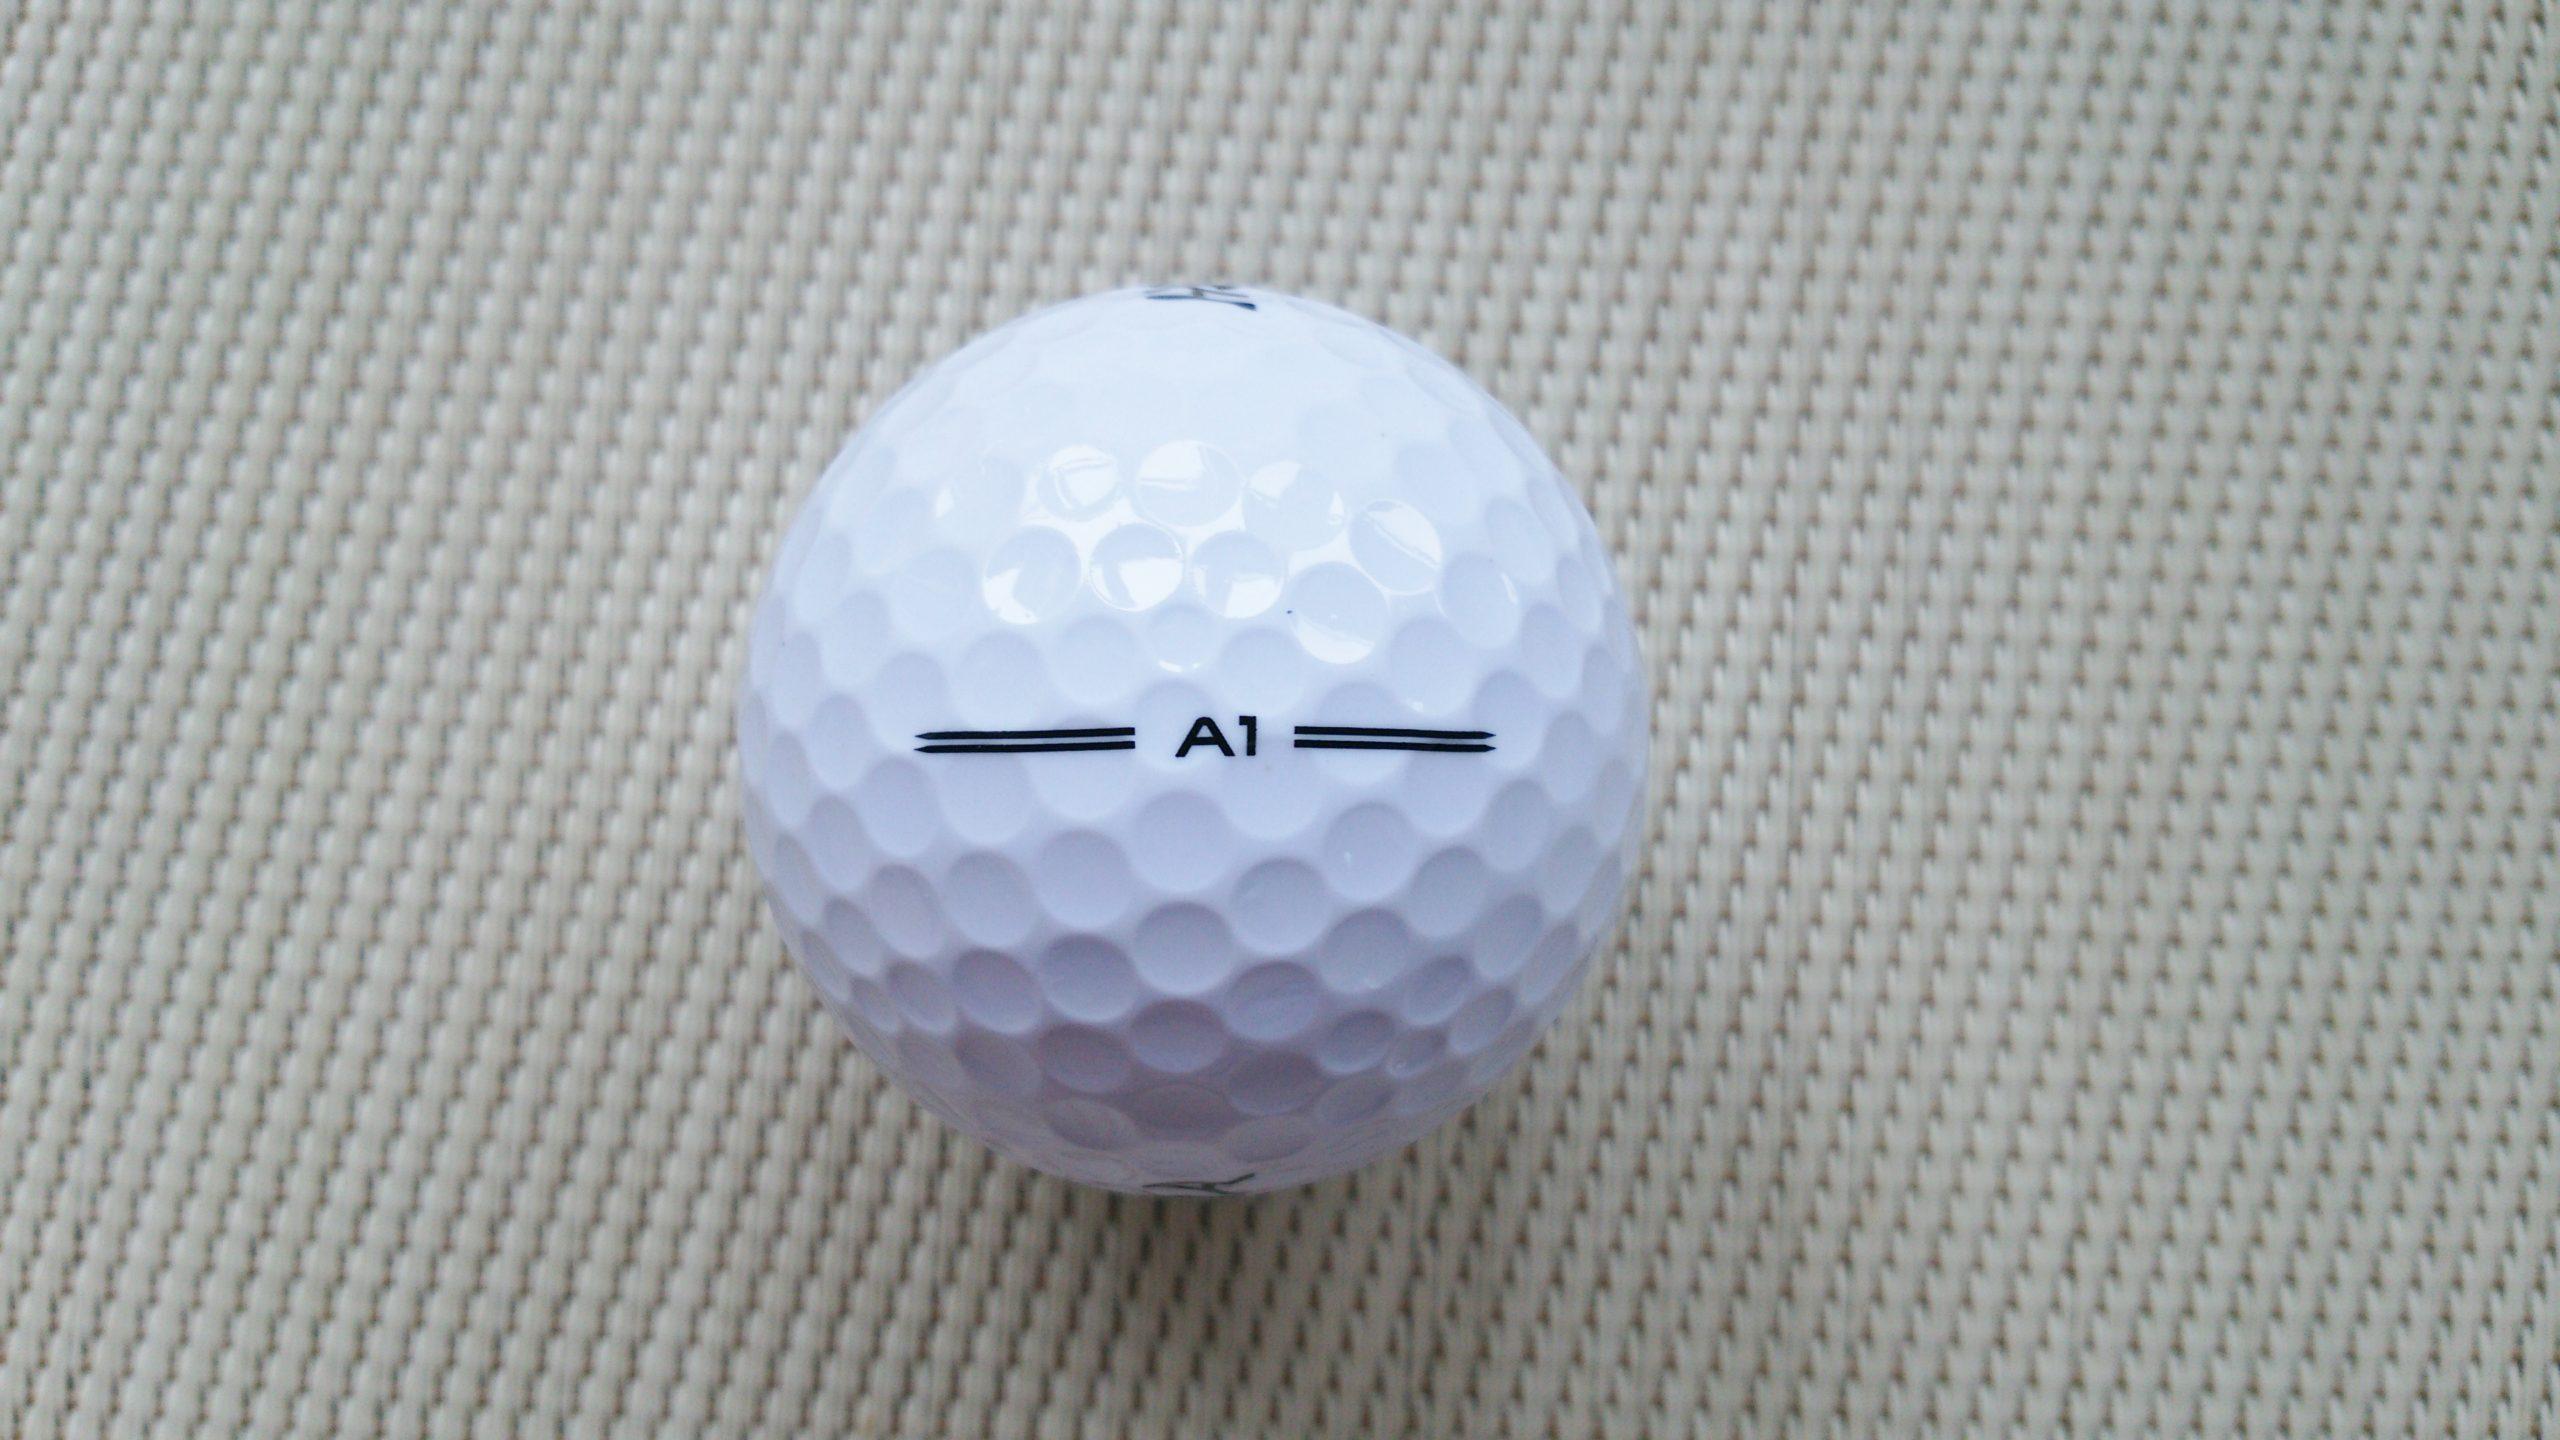 A1 ライン